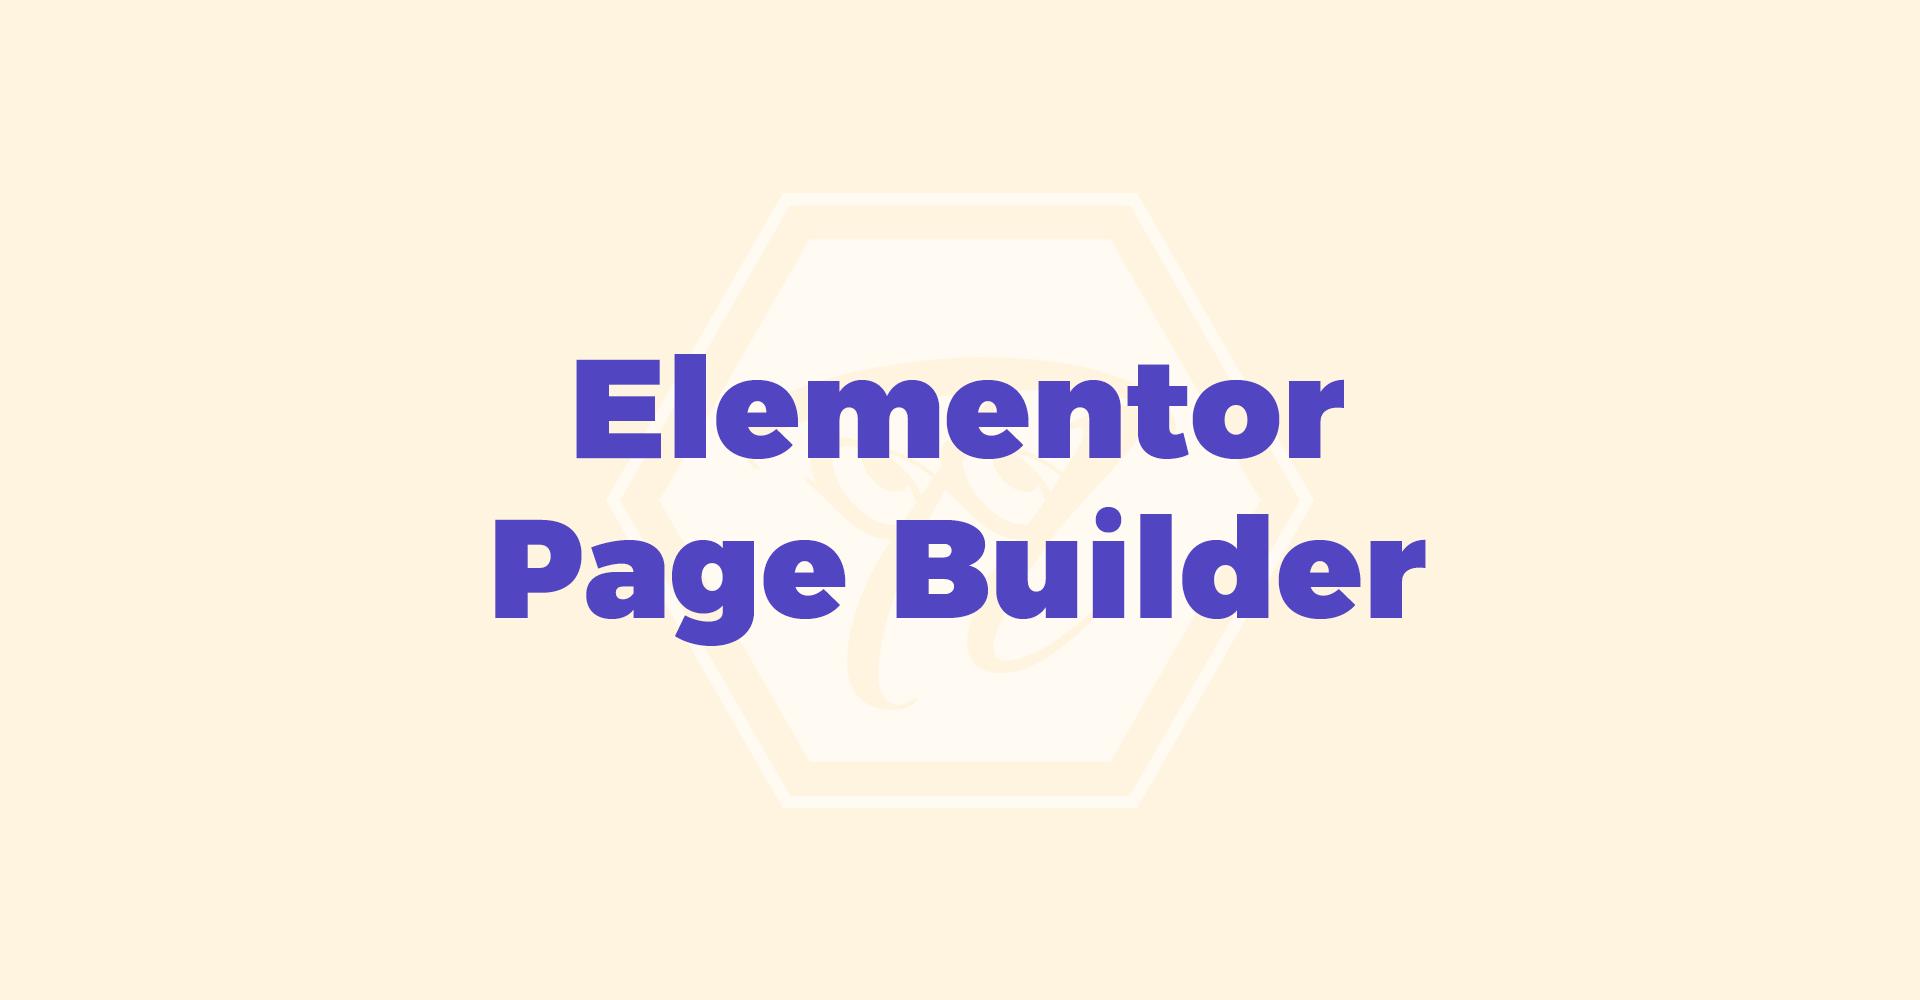 elementor_page_bulder 1 1 2